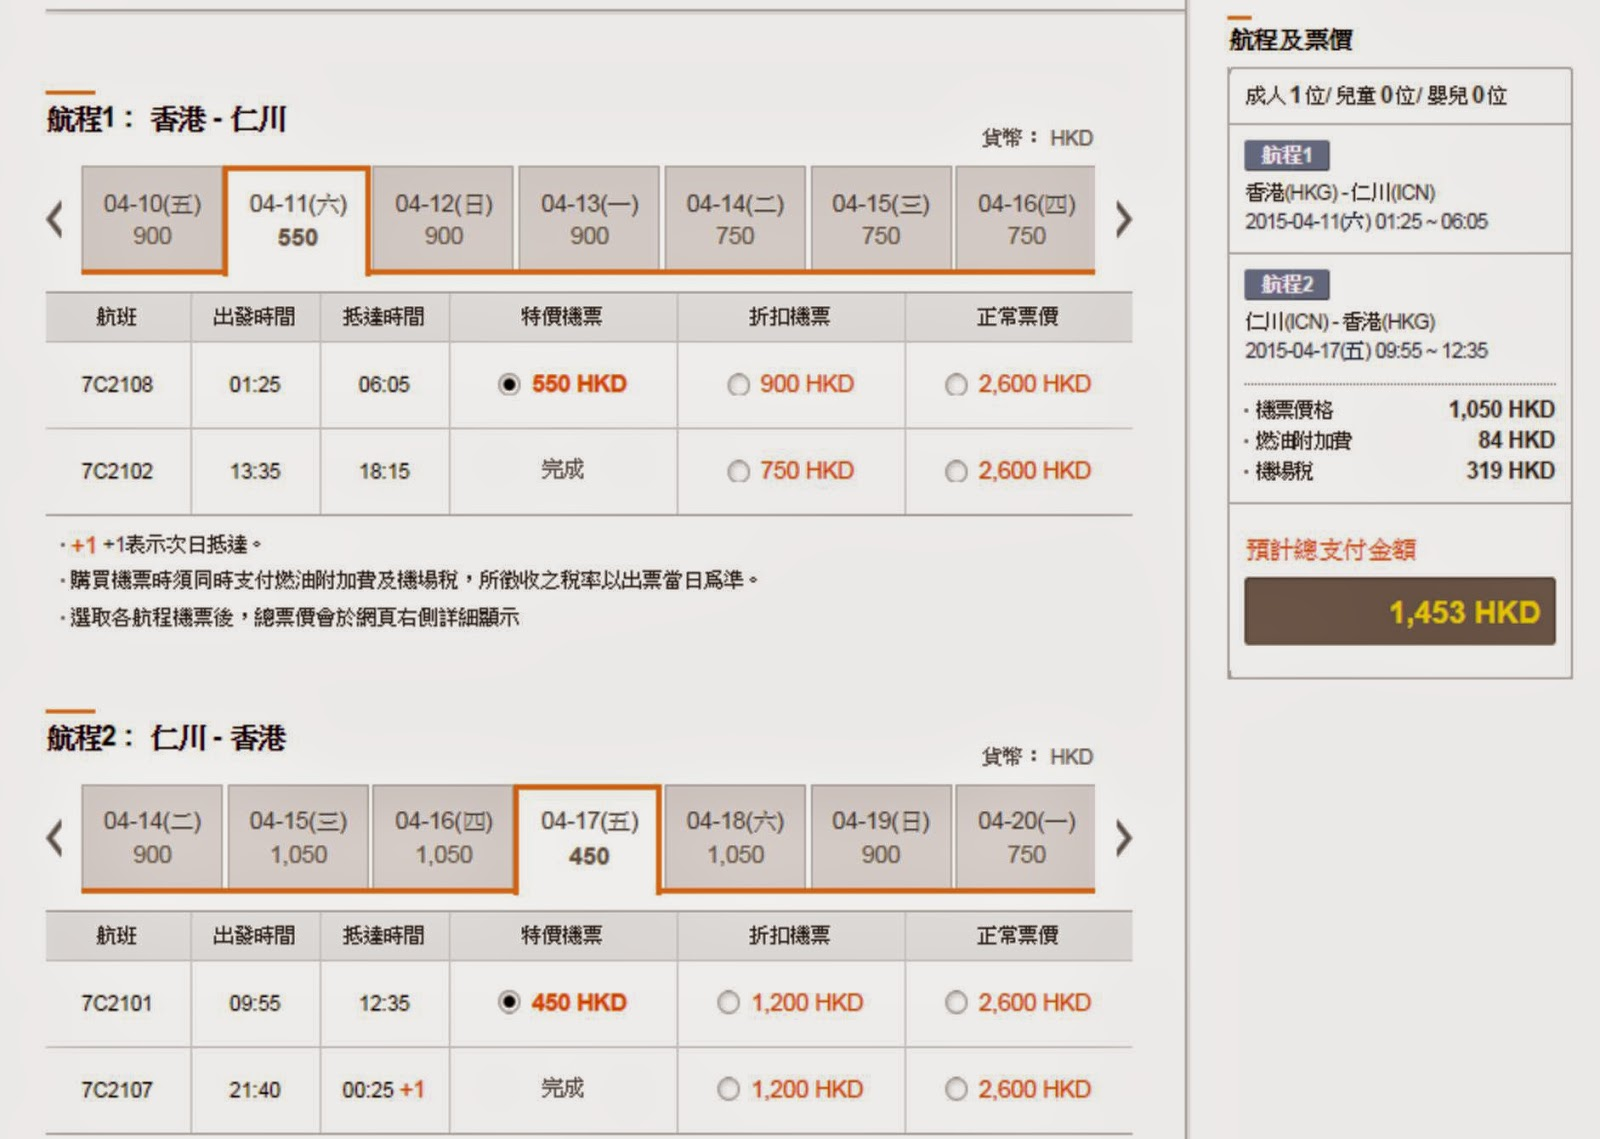 濟洲航空香港飛首爾4月11日出發,4月17日回程,來回連稅$1,453